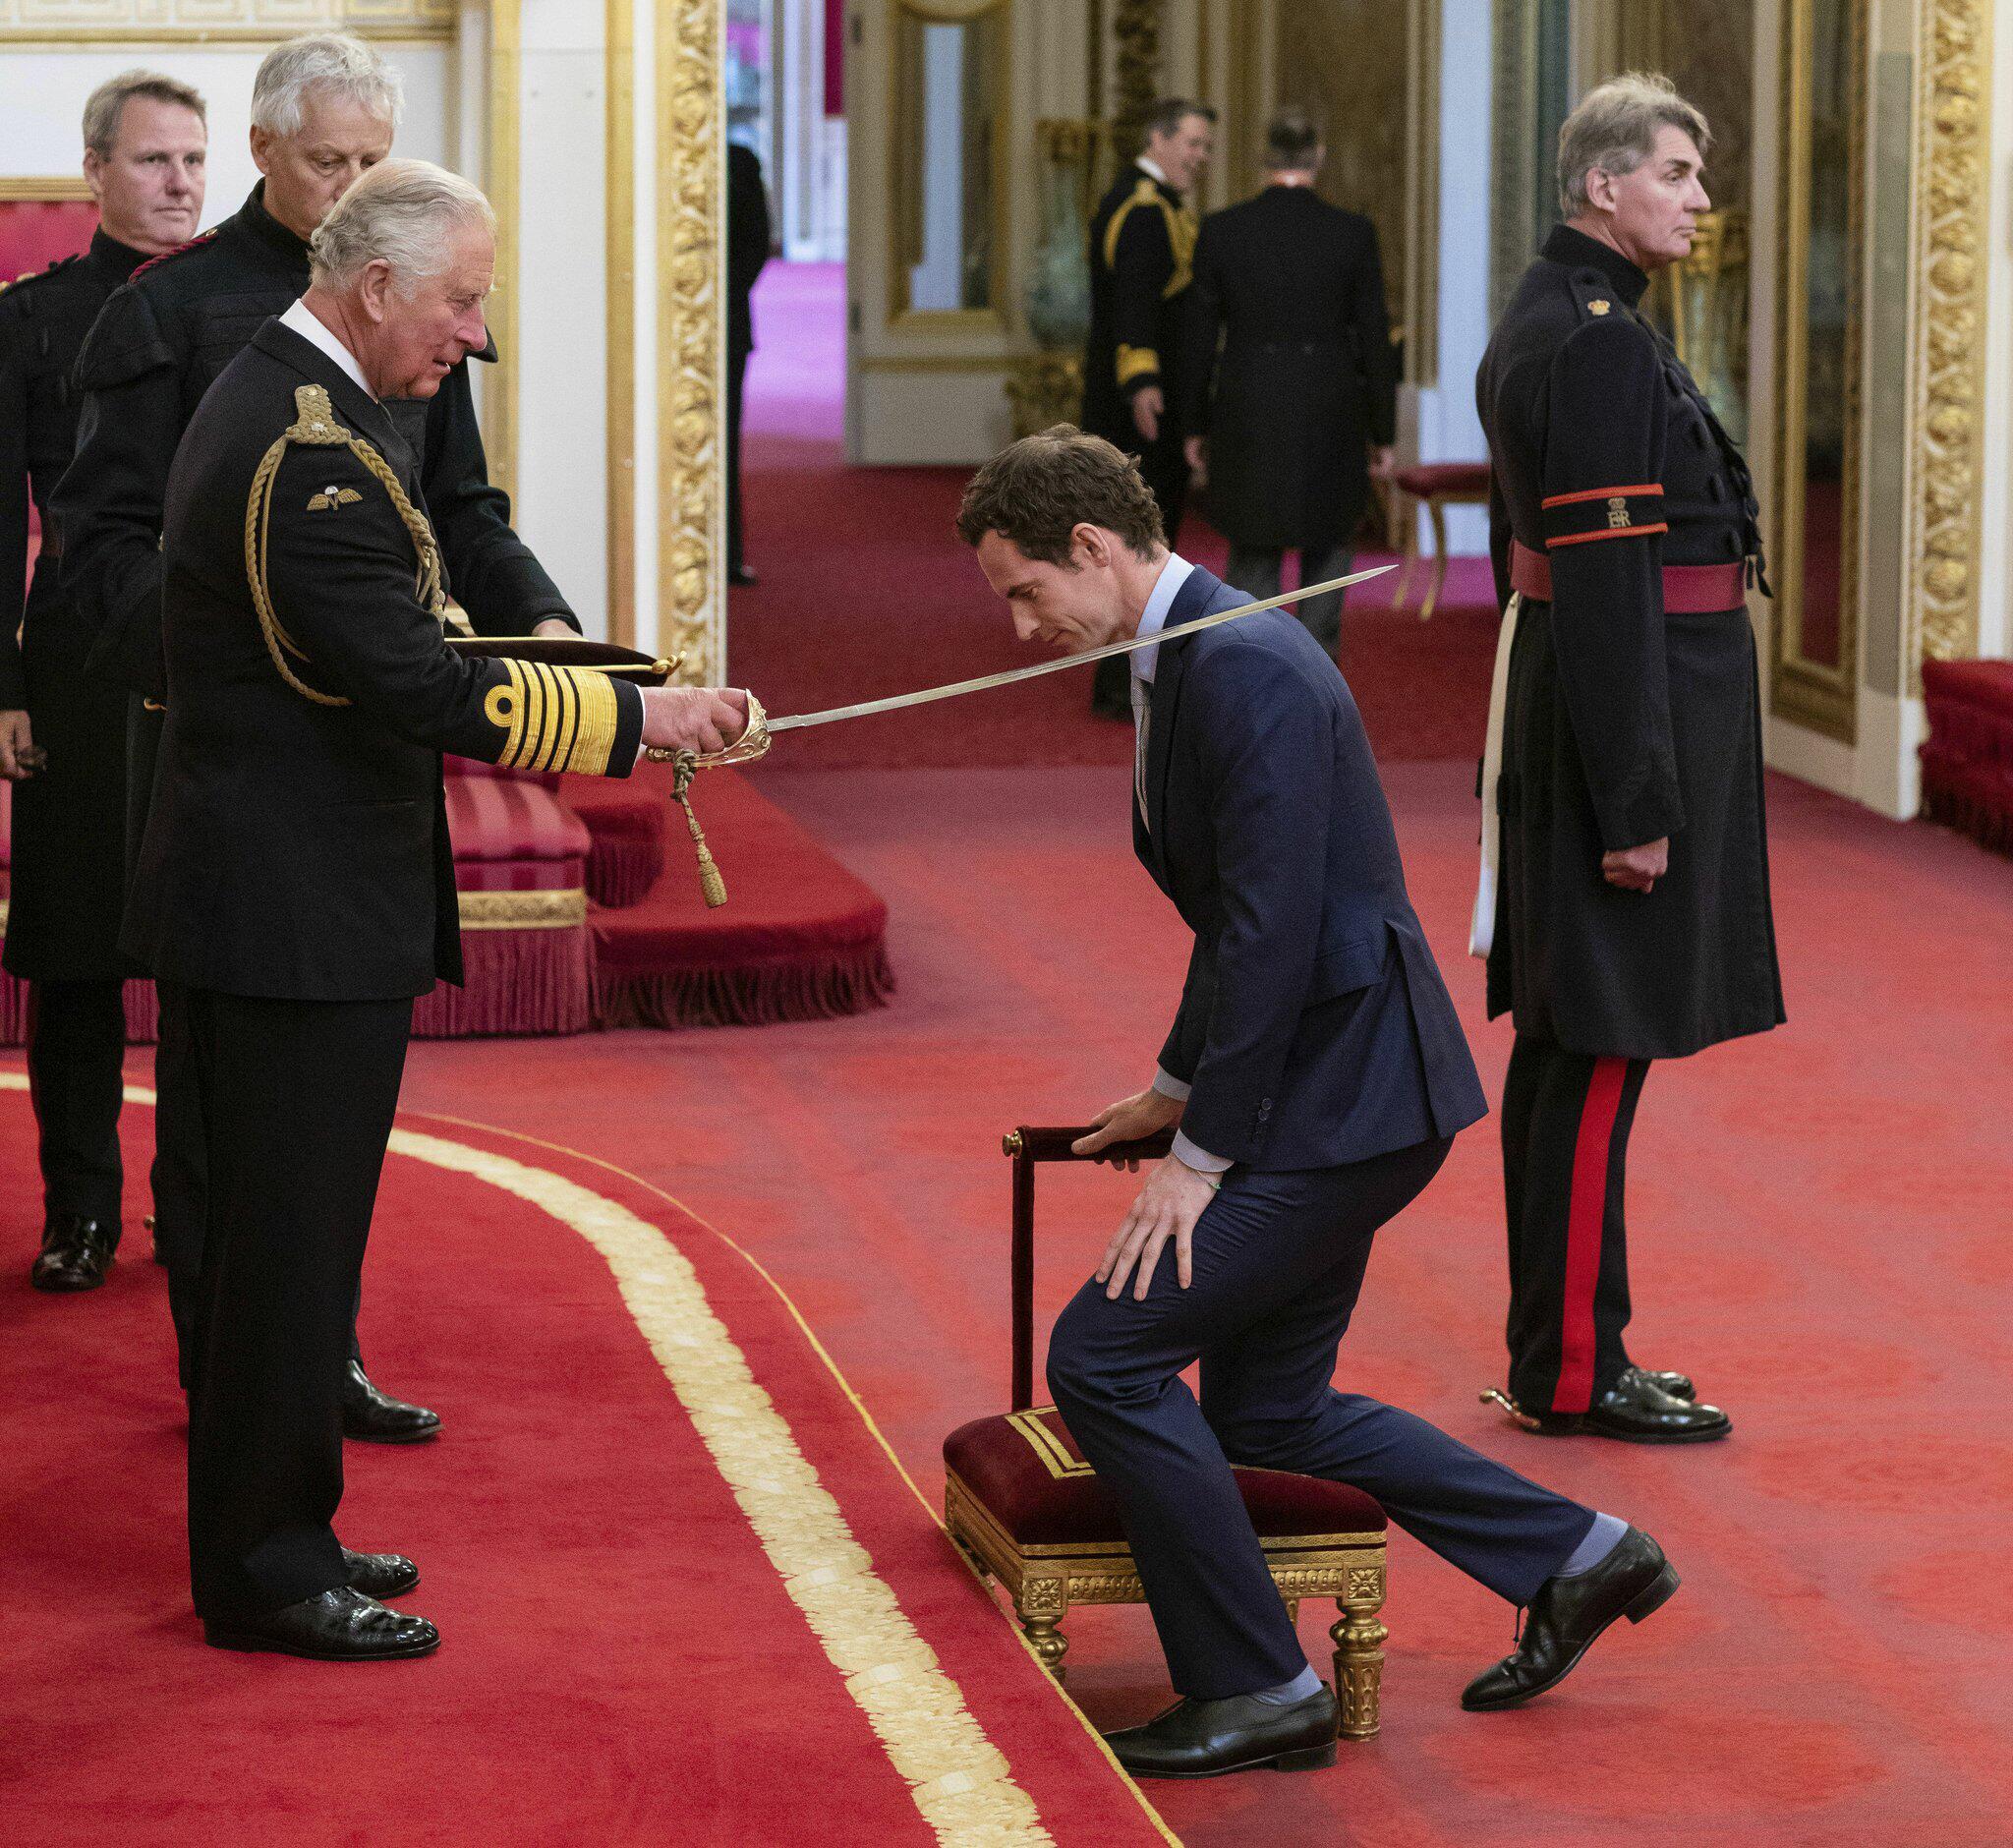 Bild zu Prinz Charles verleiht Sir-Titel an Tennisspieler Murray